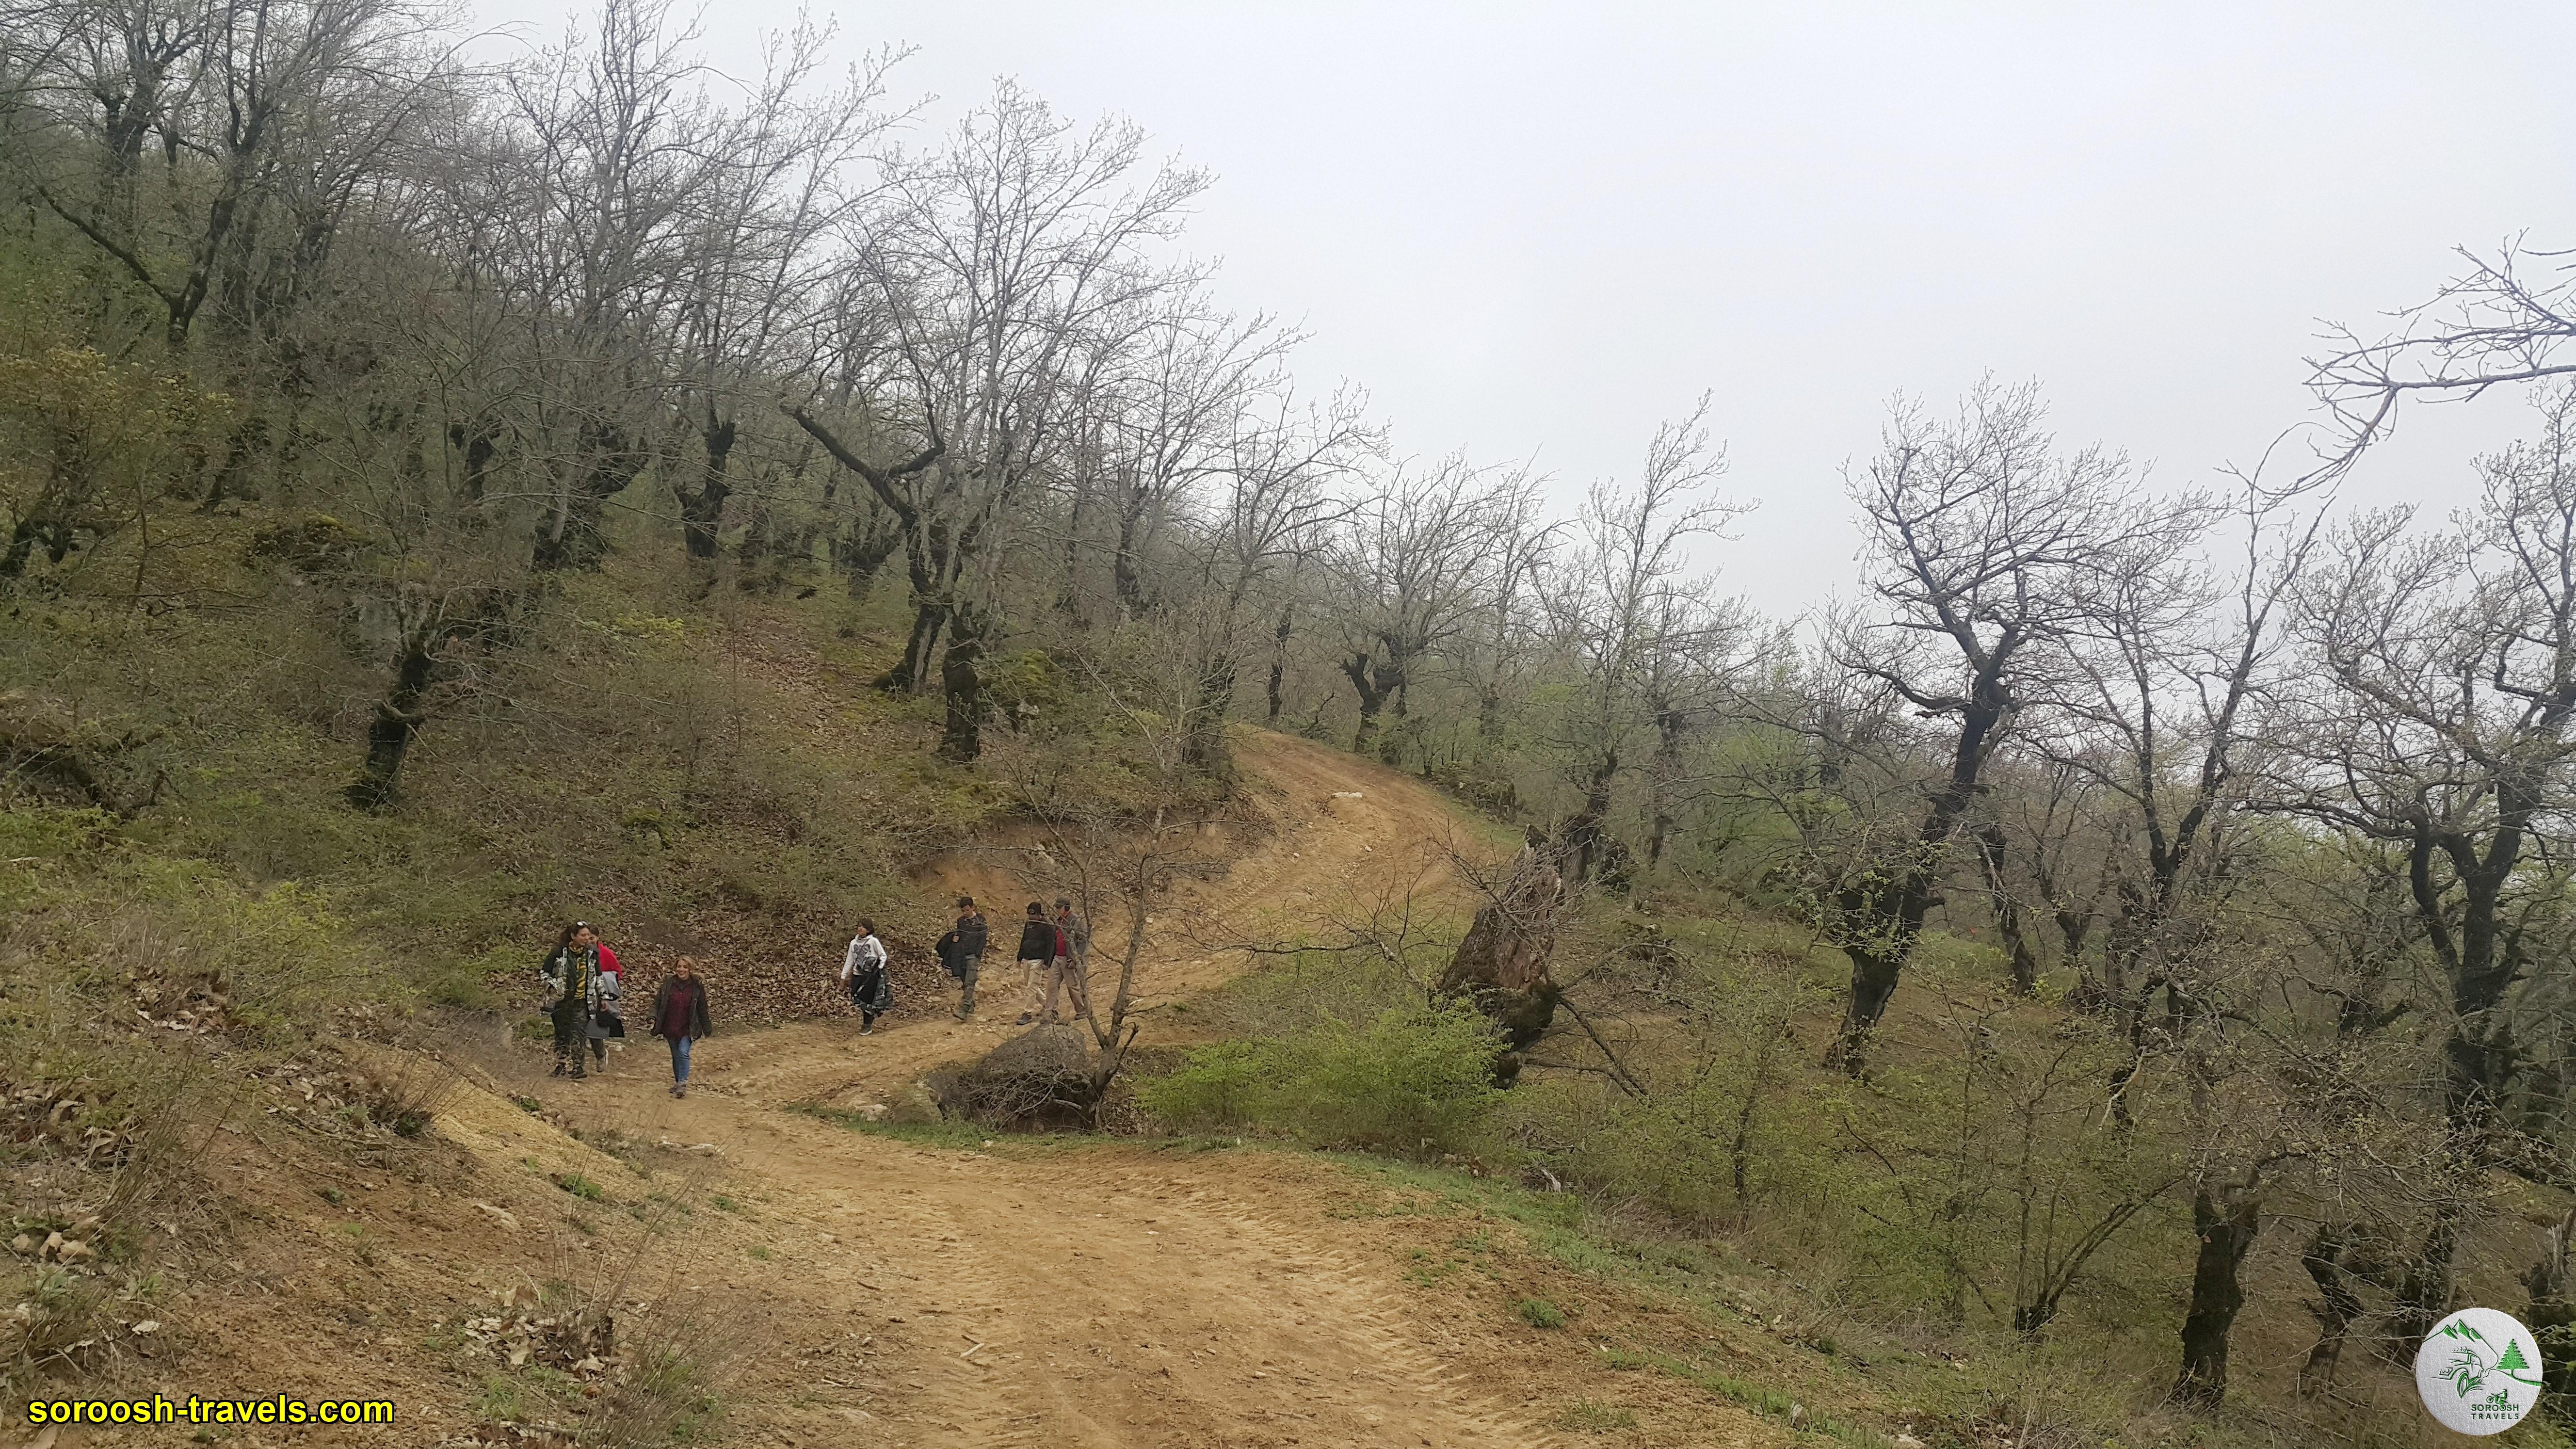 پارک ملی گلستان در منطقه ترکمن صحرا - نوروز 1400